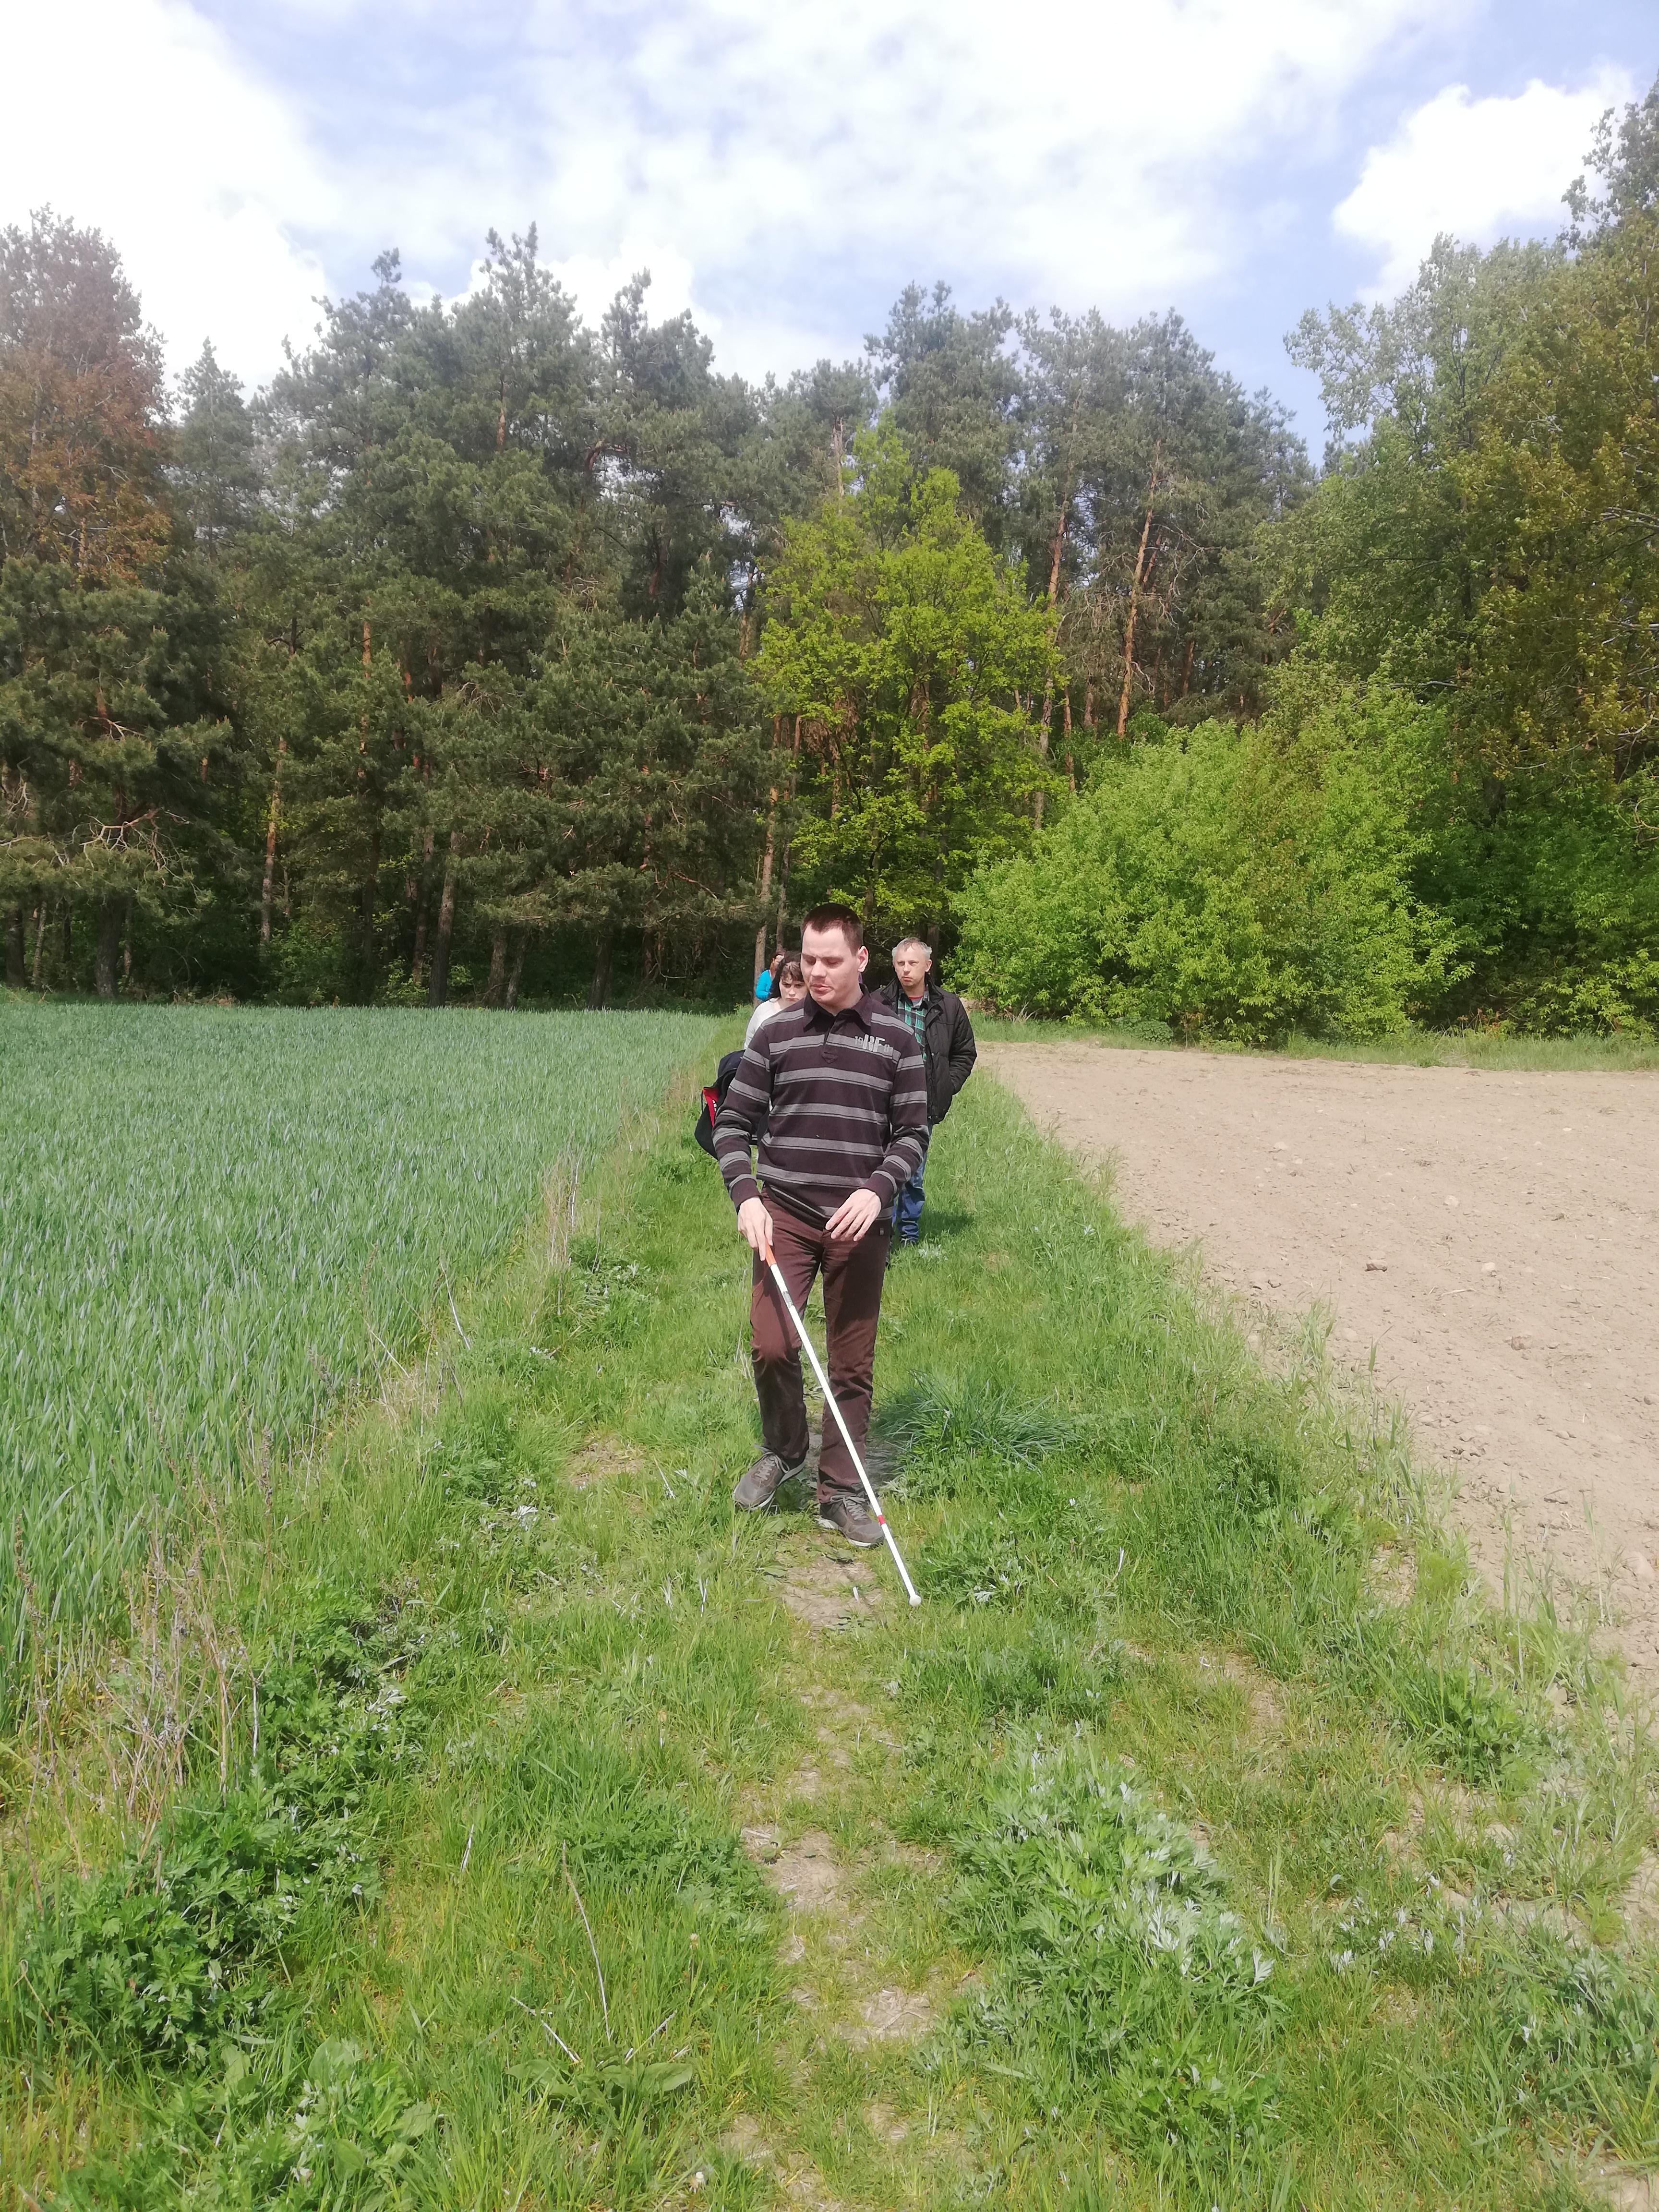 Kilka osób idących gęsiego po zielonej trawie. Szyk otwiera brunet idący z laską. Ubrany jest w bluzę w czarno-szare pasy. Na ostatnim planie pas liściastych drzew.